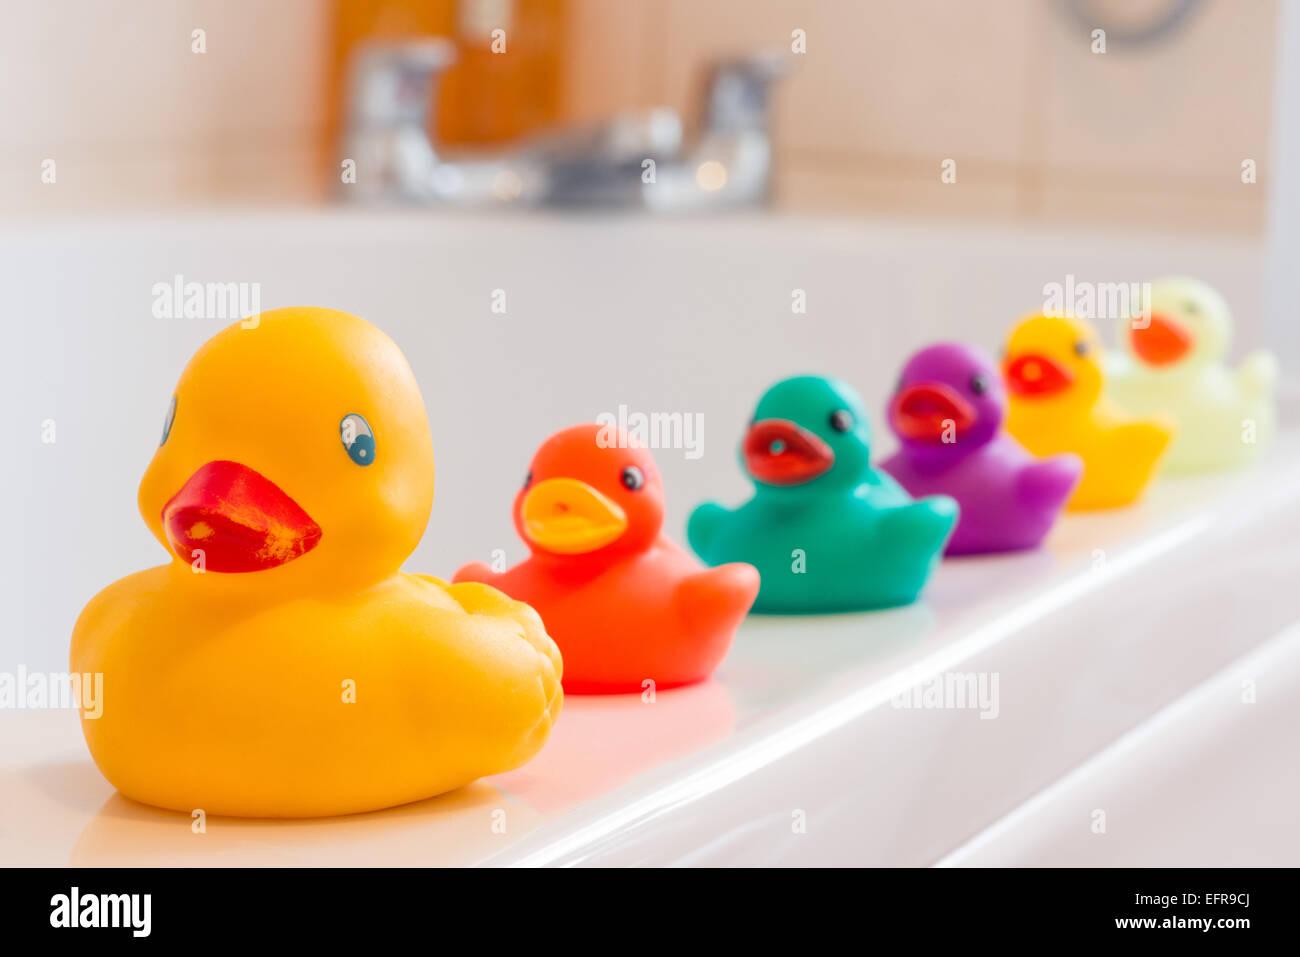 Eine süße Gelbe Gummiente an der Spitze einer Reihe von bunten Plastikenten aufgereiht auf den Rand der Badewanne in einem Badezimmer Stockfoto